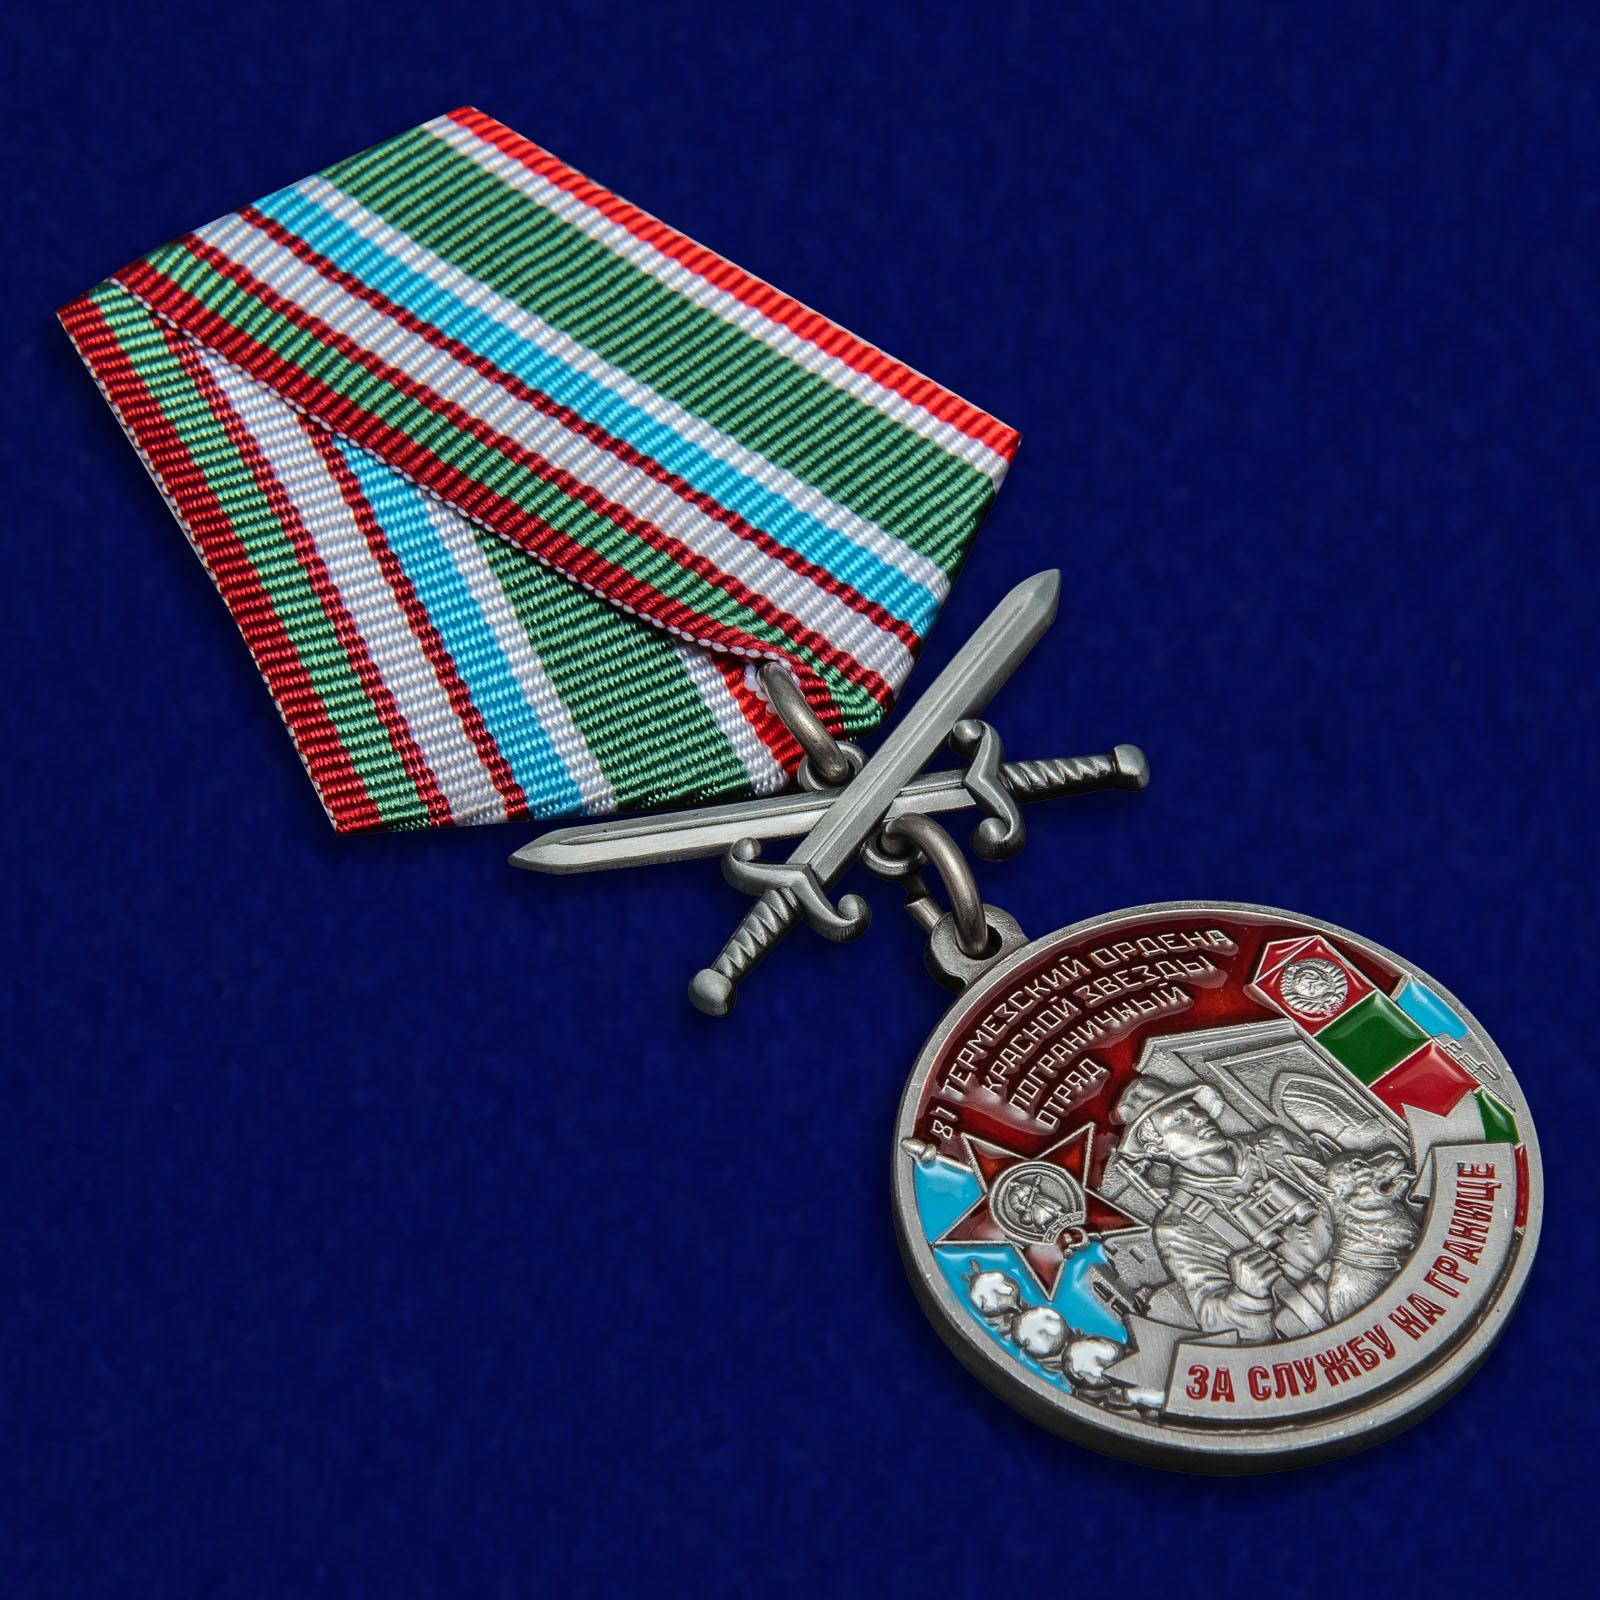 Наградная медаль За службу на границе (81 Термезский ПогО) - общий вид